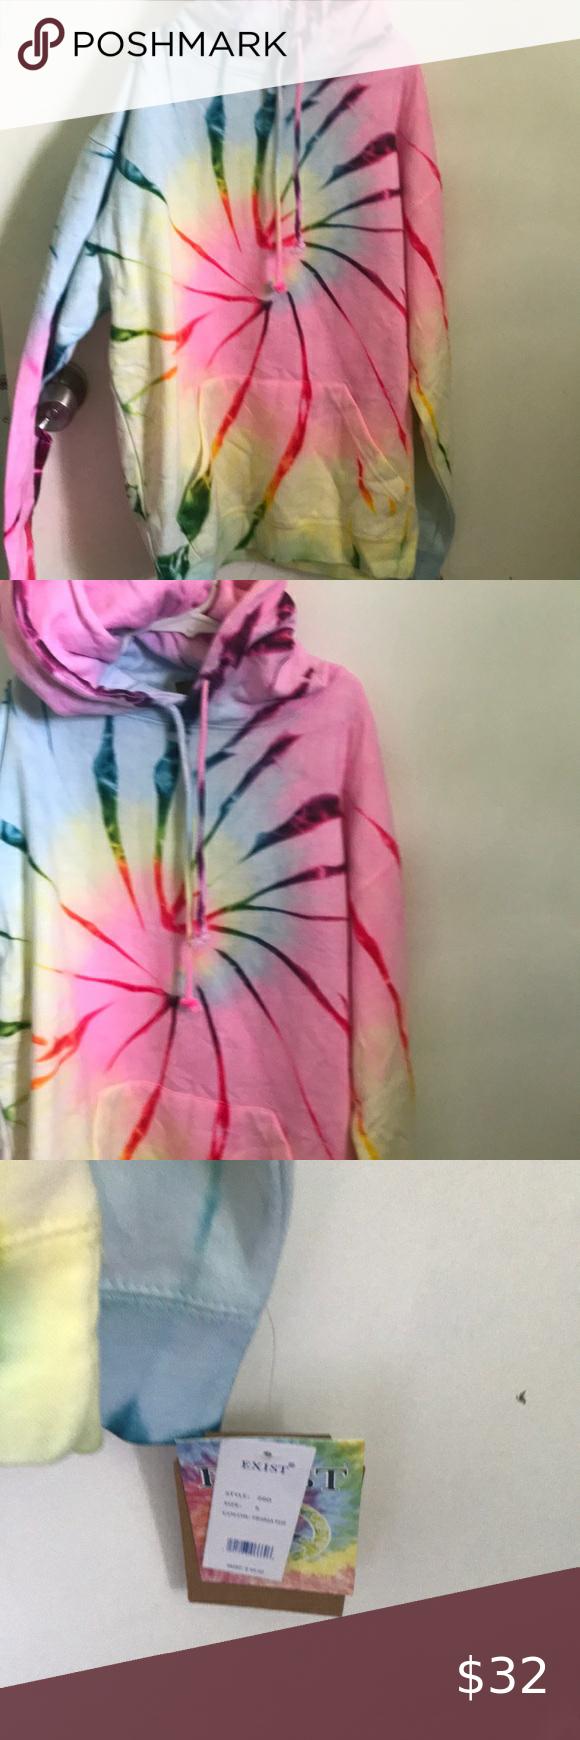 Nwt Exist Tie Dye Hoodie Brand New Beautiful Vibrant Tie Dye Sweatshirt Hoodie Measurement 36 Inches Around Bust Tie Dye Tie Dye Hoodie Tie Dye Sweatshirt [ 1740 x 580 Pixel ]